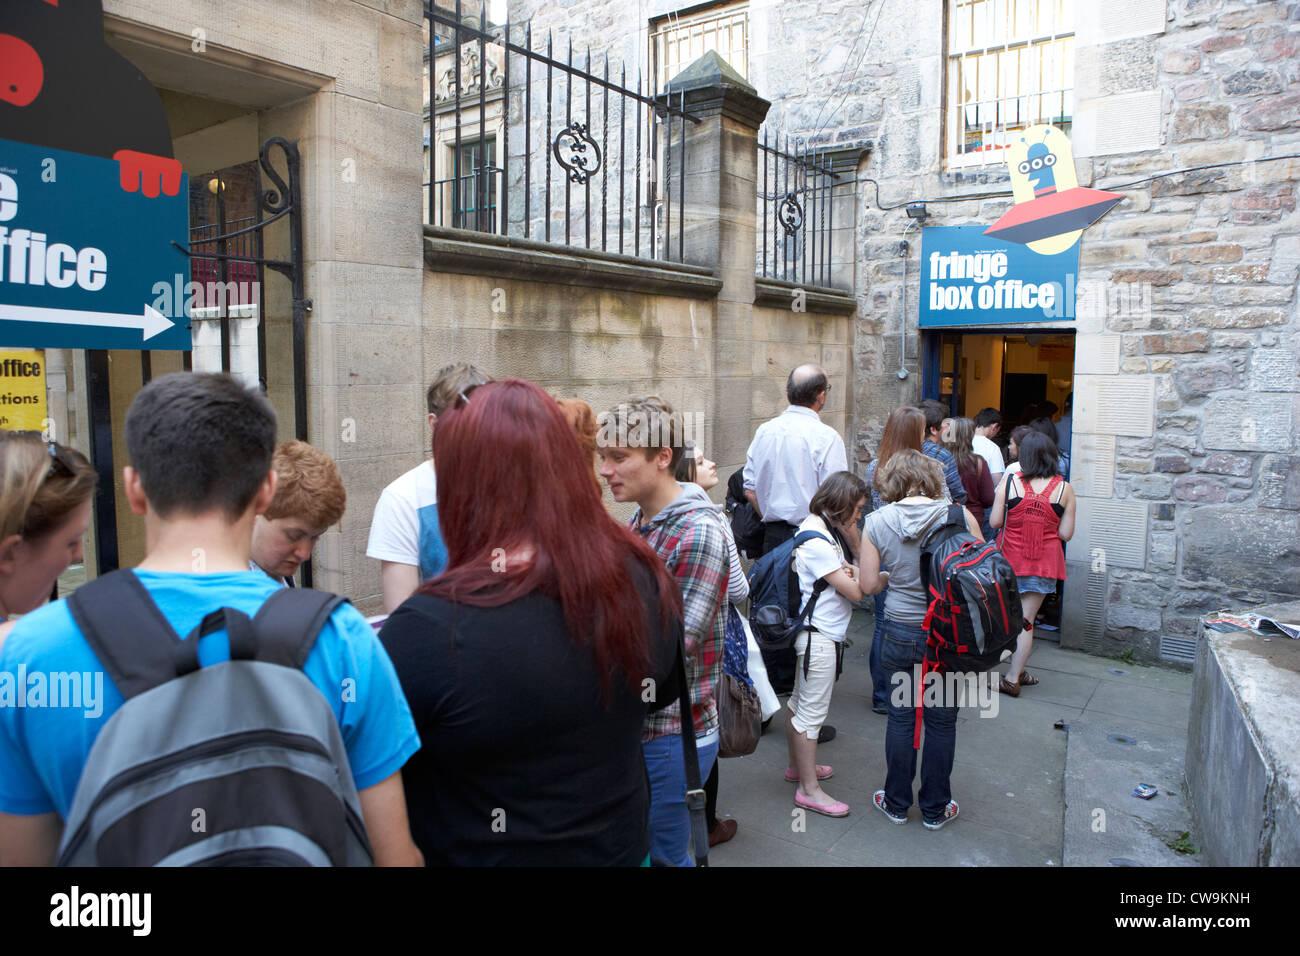 edinburgh fringe festival box office. People Queuing At The Edinburgh Fringe Festival Box Office Scotland Uk United Kingdom - Stock Image U